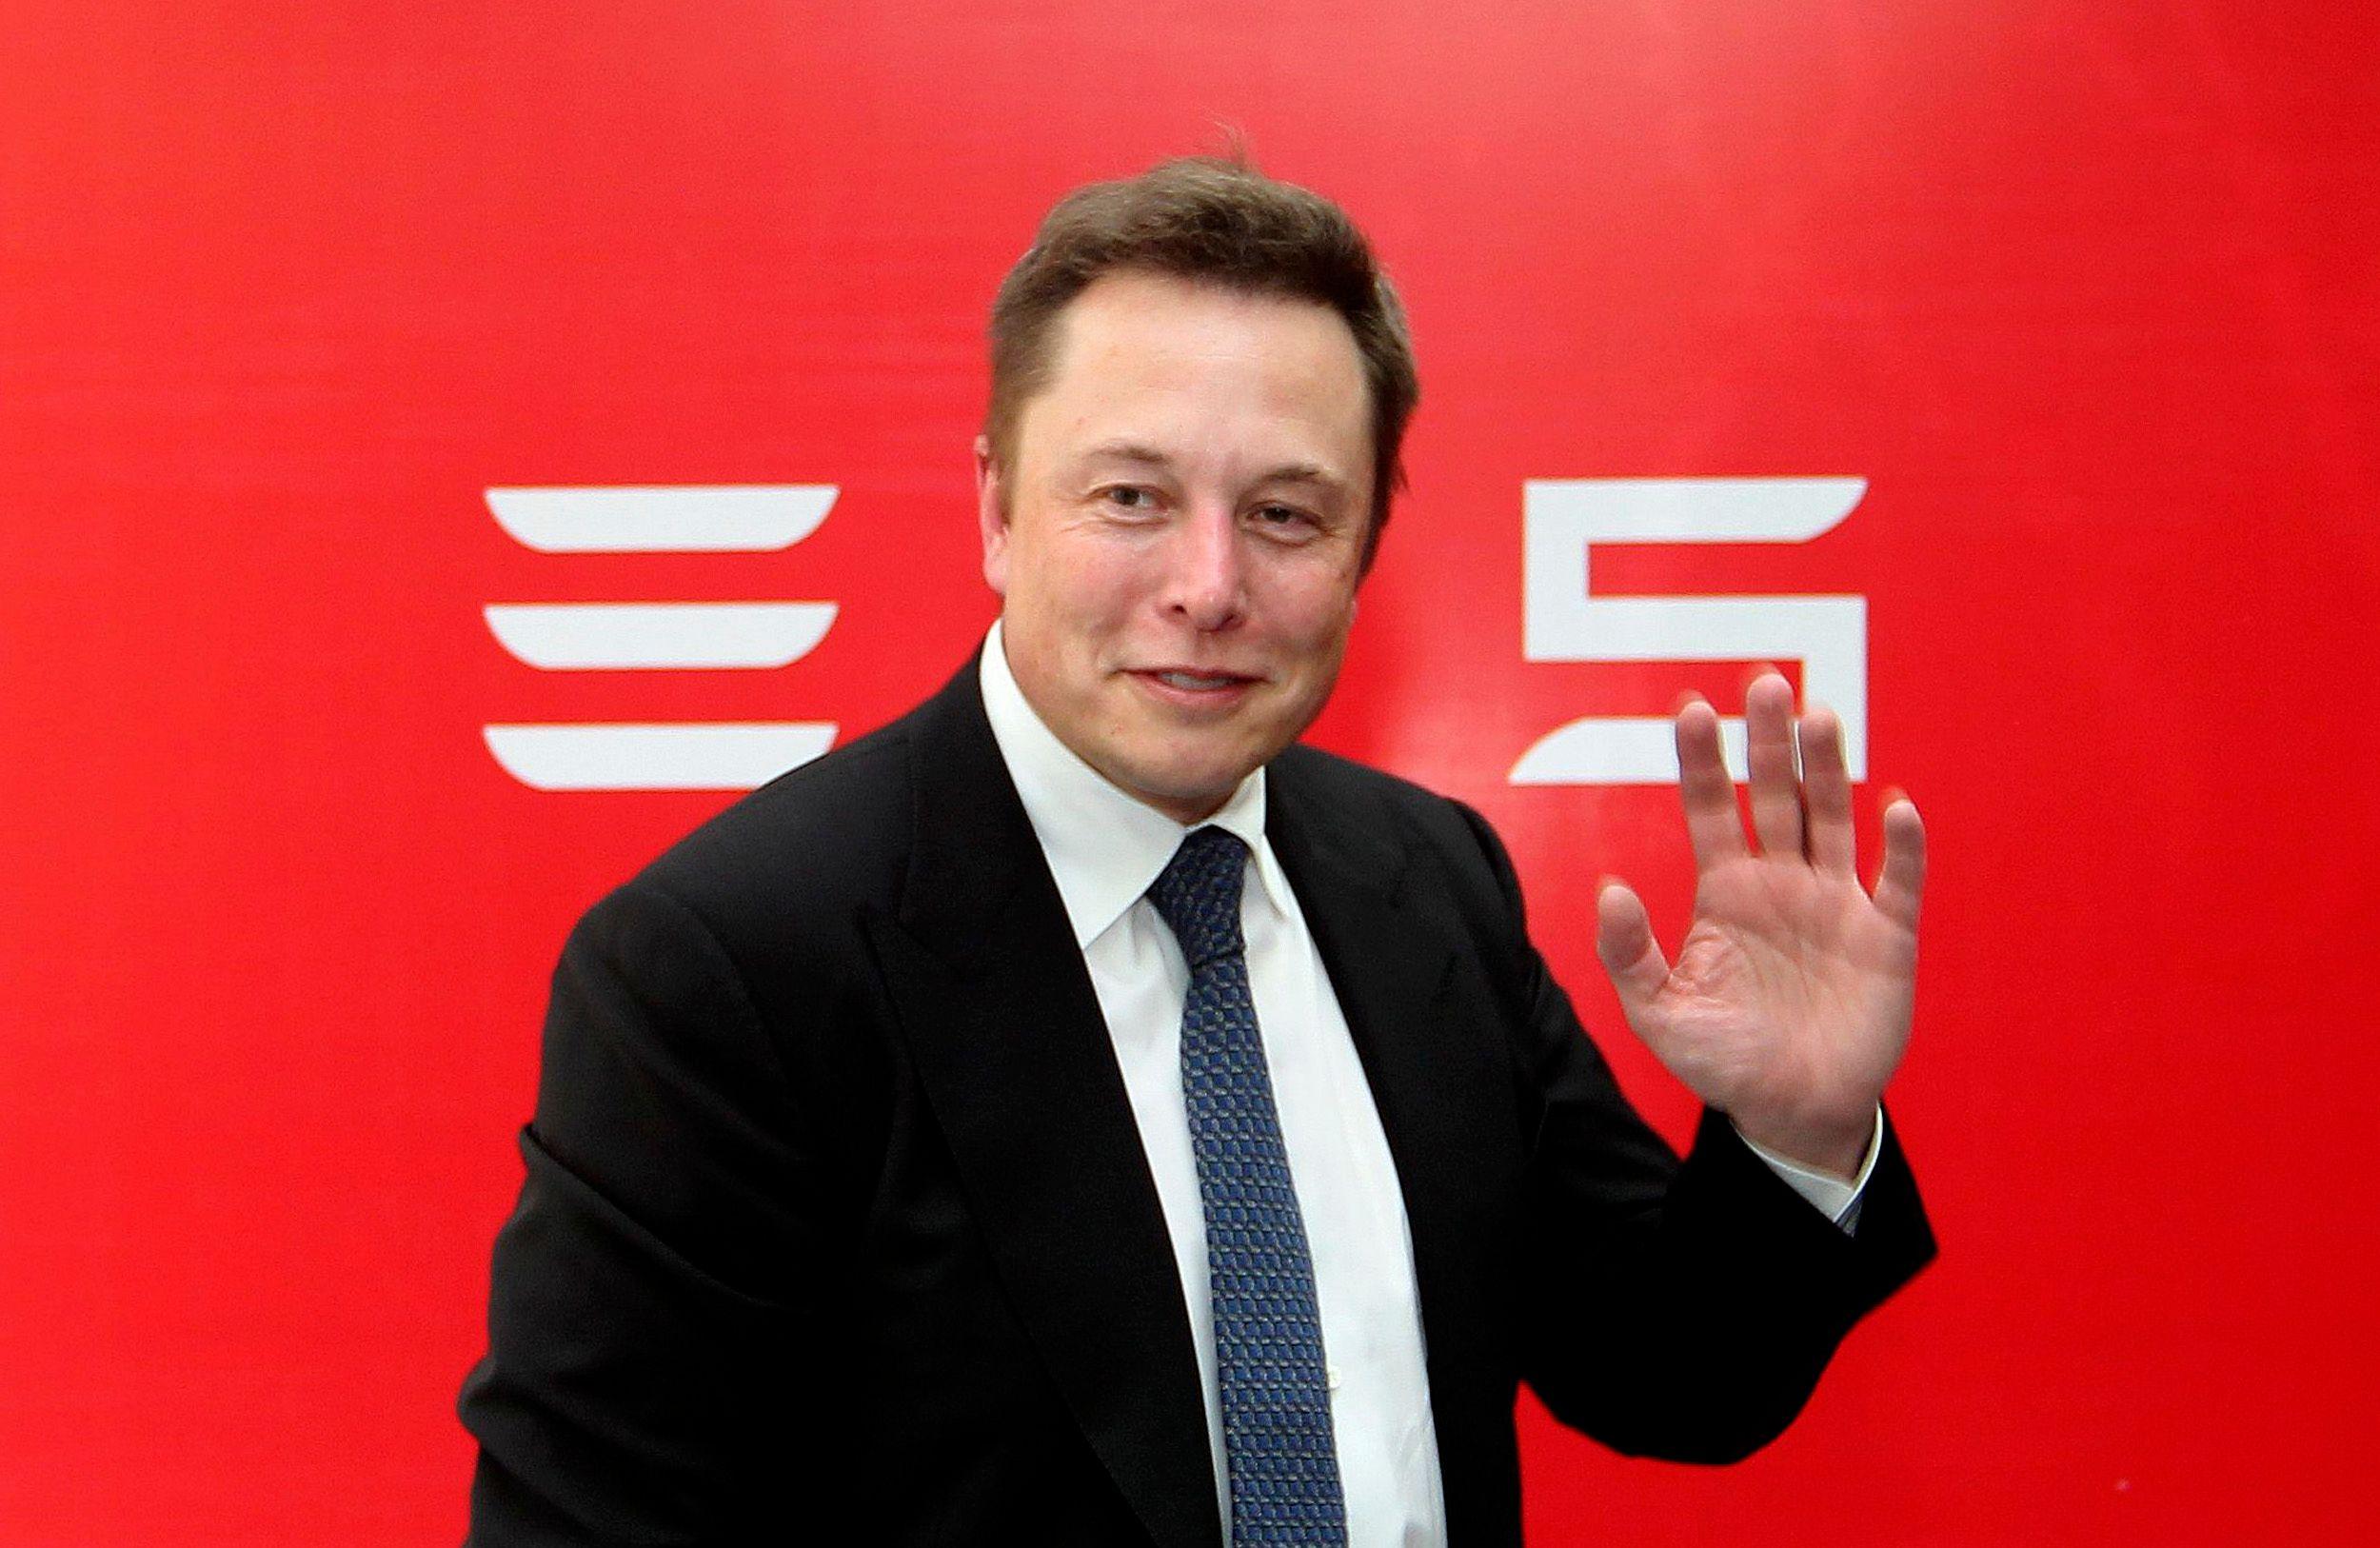 L'enfance d'Elon Musk, ou l'histoire d'un jeune sud-africain gauche et solitaire devenu l'industriel le plus audacieux d'Amérique